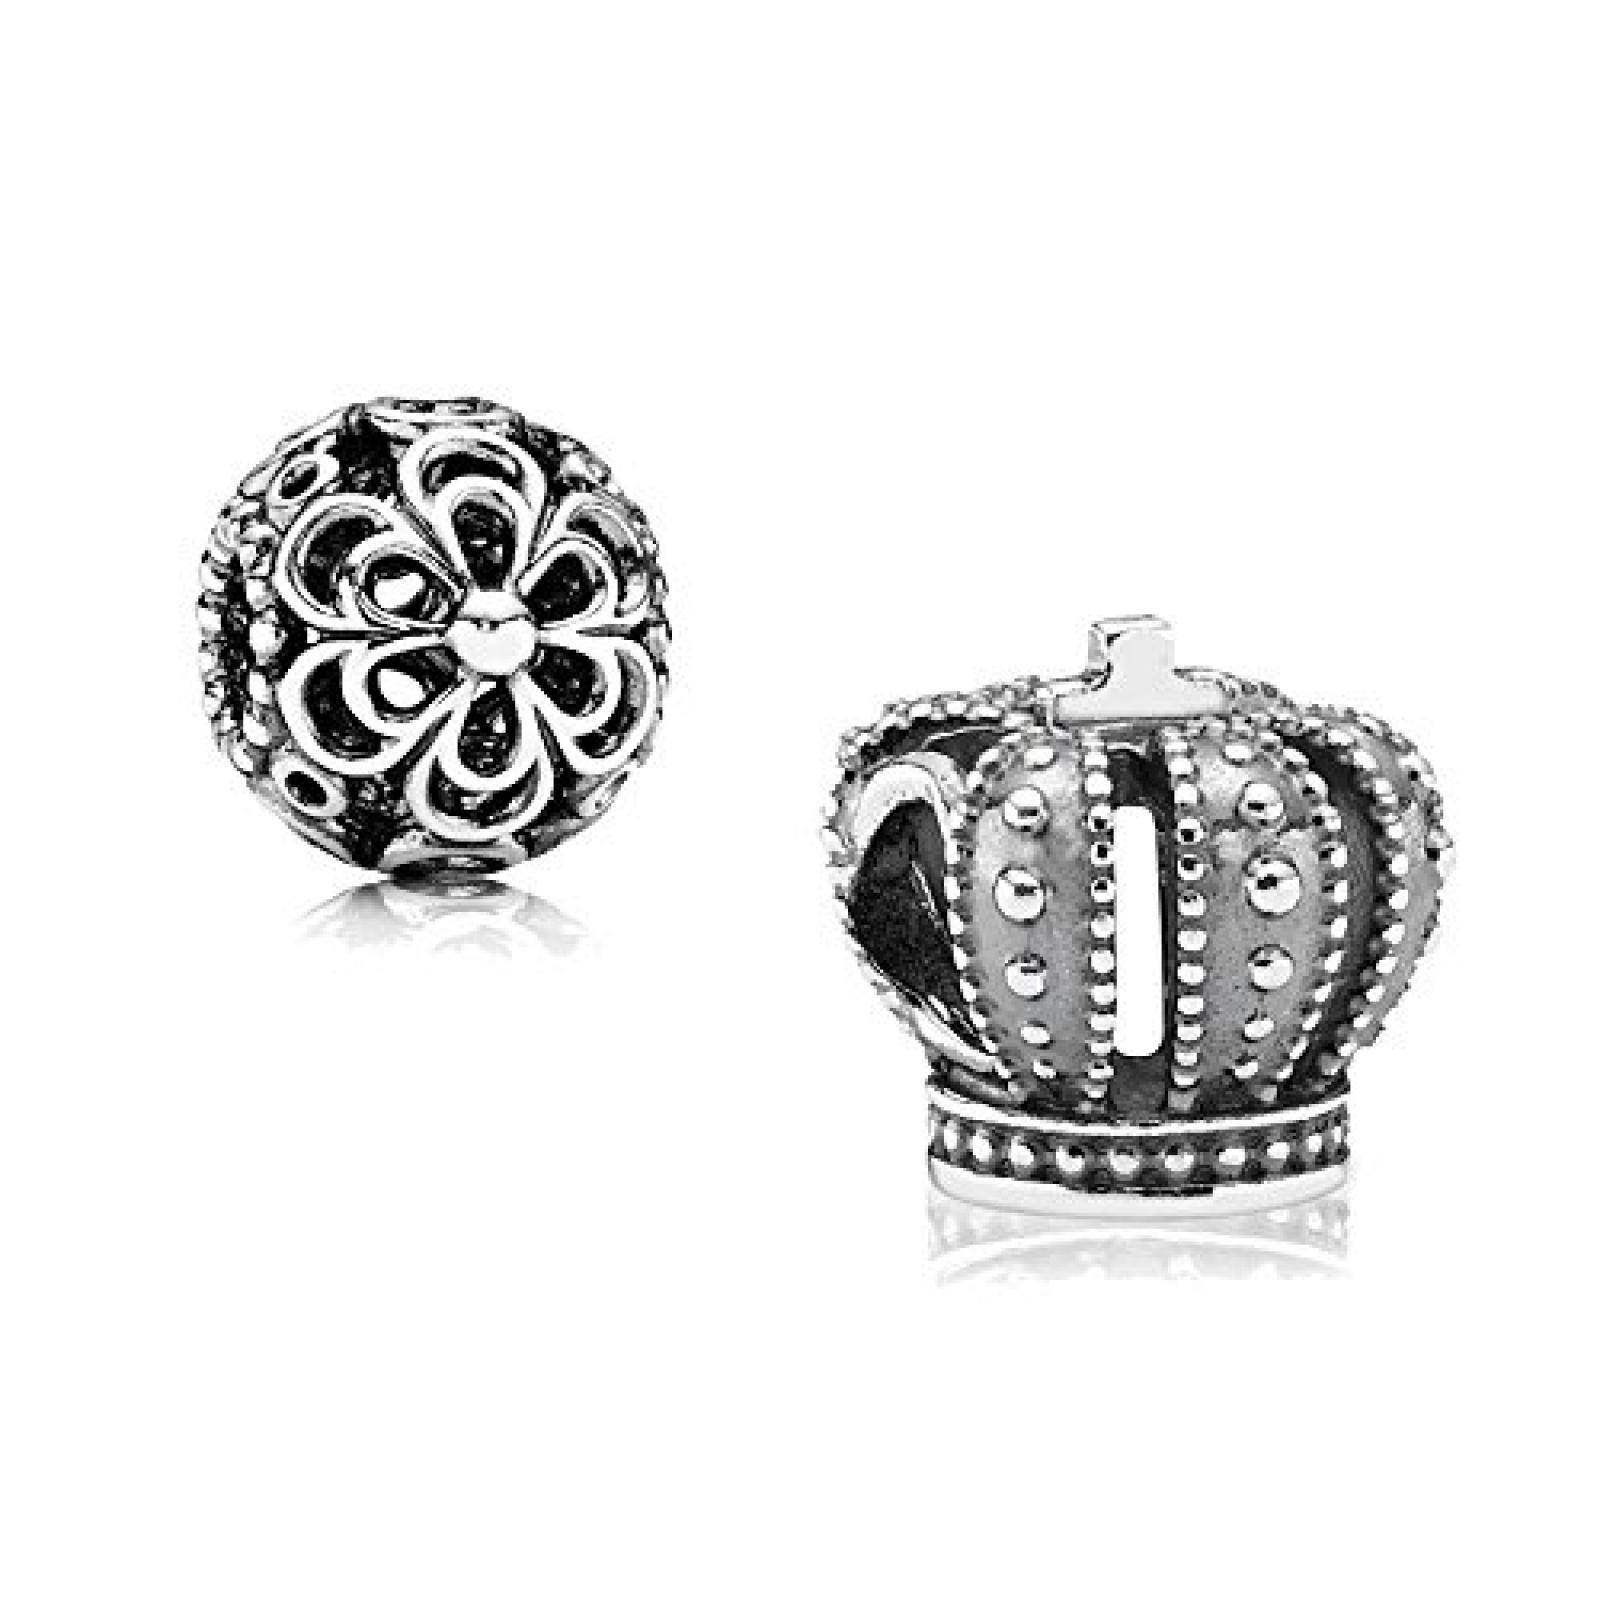 Original Pandora Geschenkset - 1 Silber Element Königliche Krone 790930 und 1 Filigranes Silber Element Durchbrochene Apfelblüte 790965